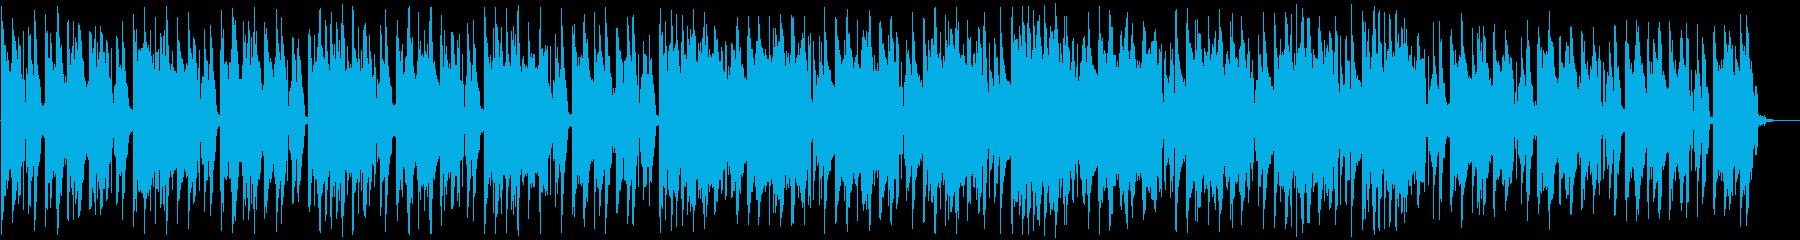 爽やか/疾走/D&B_No450_2の再生済みの波形